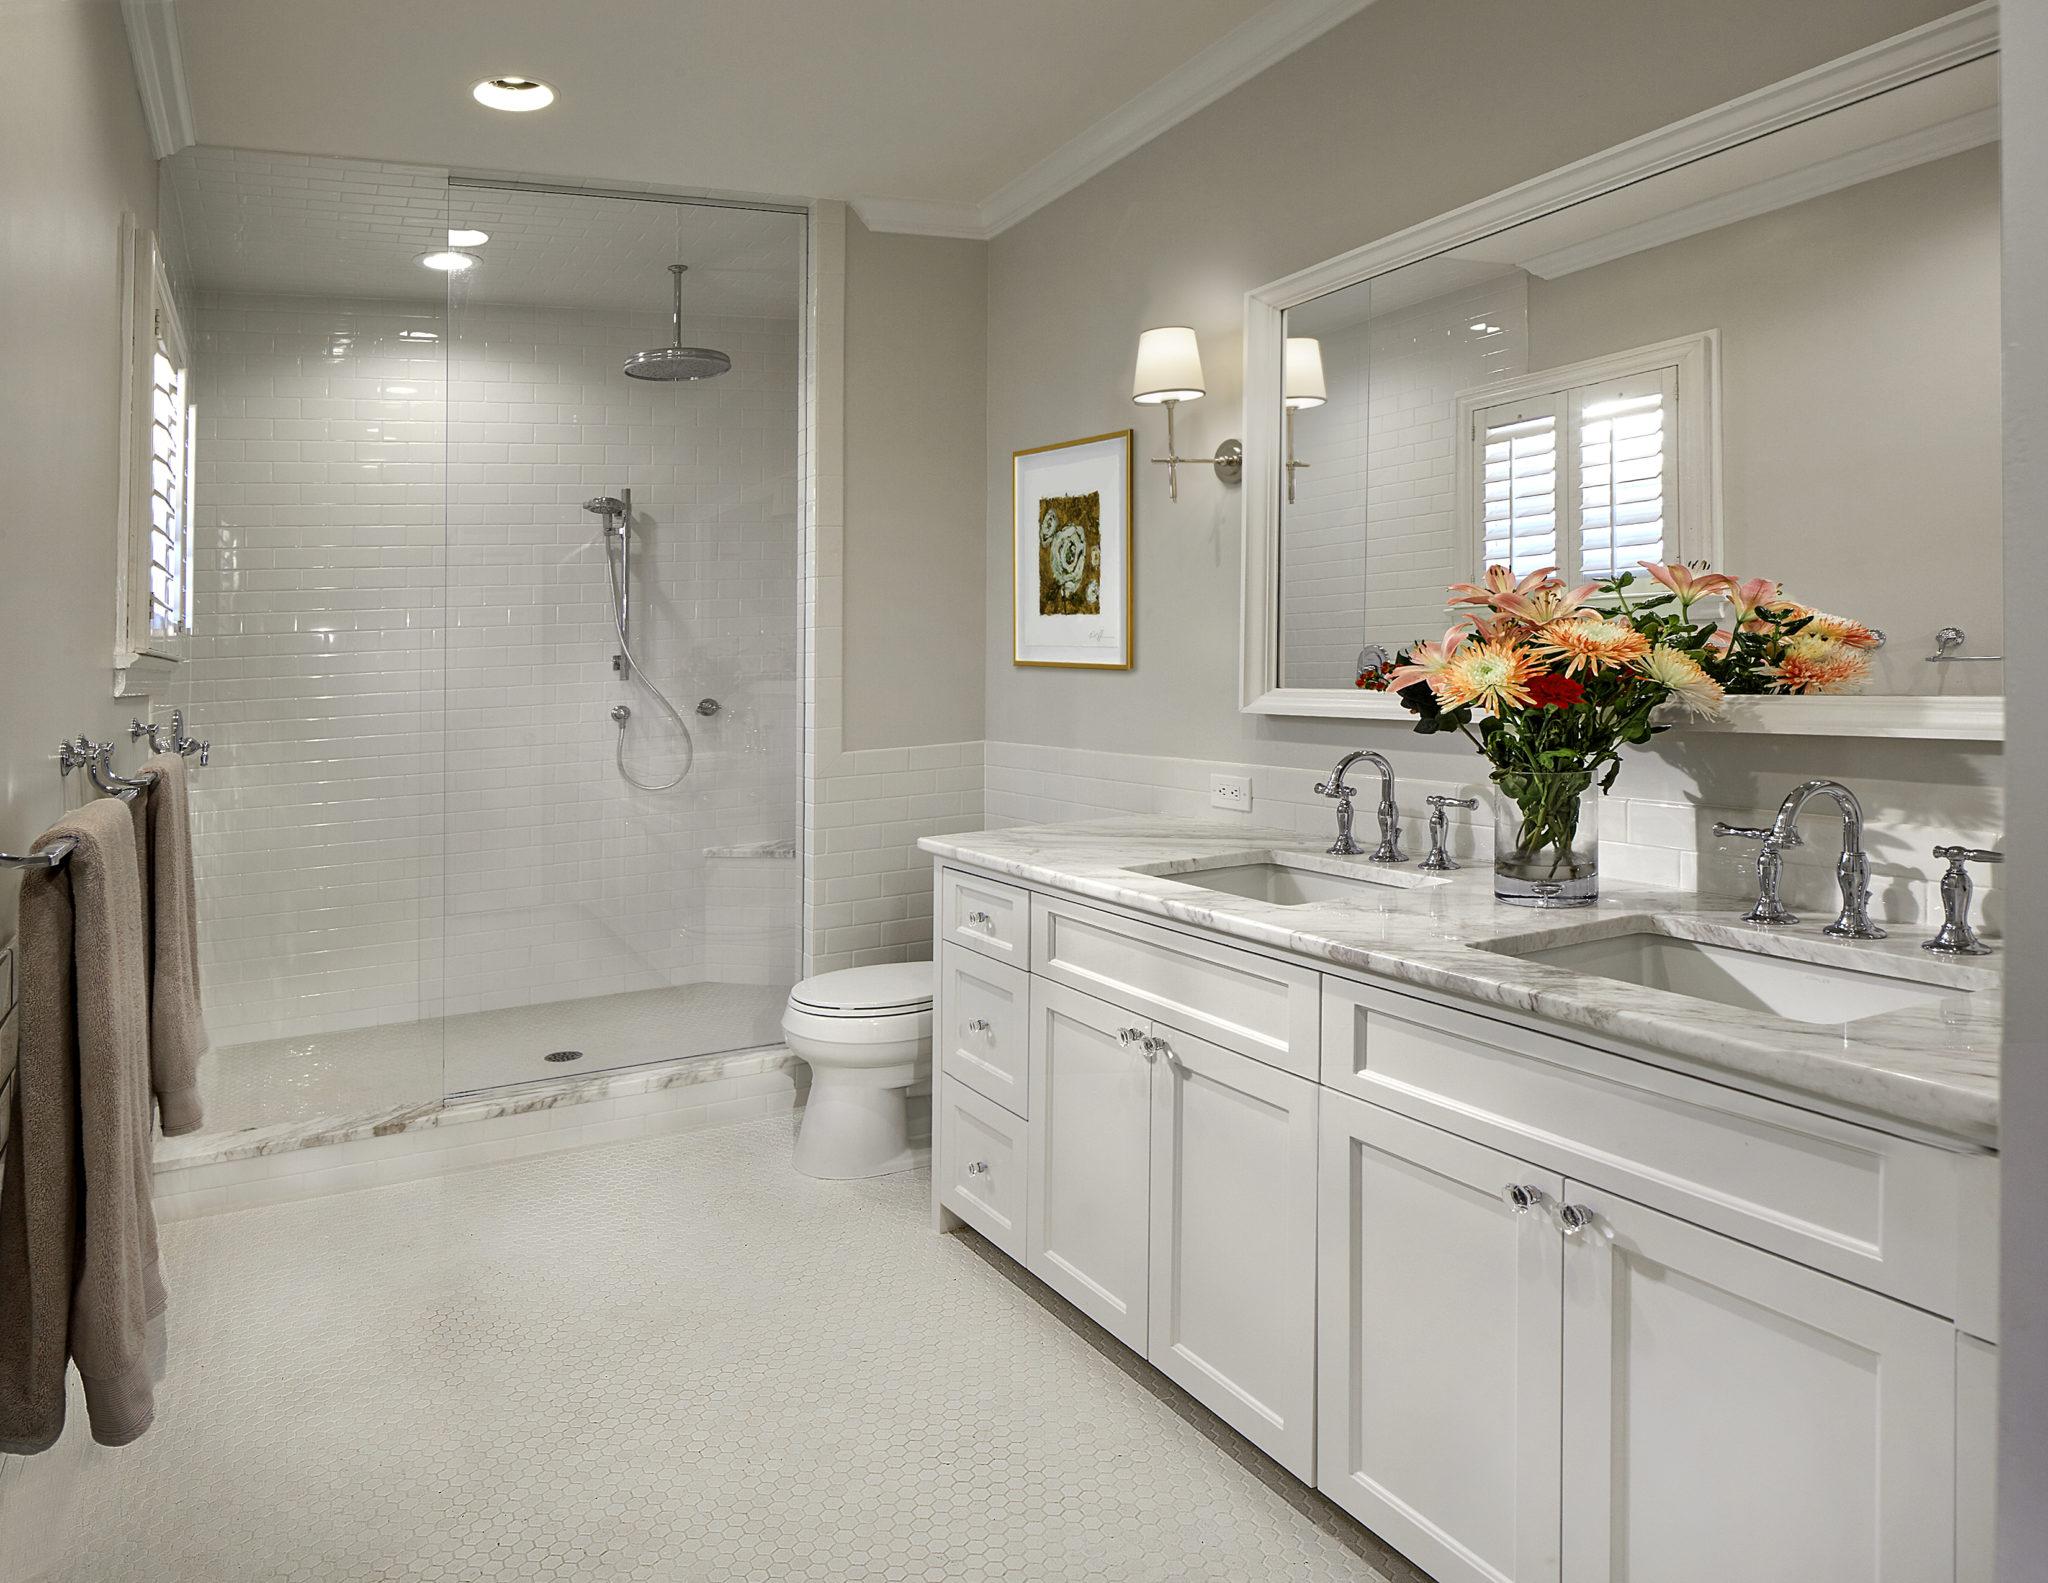 Neutral full bath with rain shower head